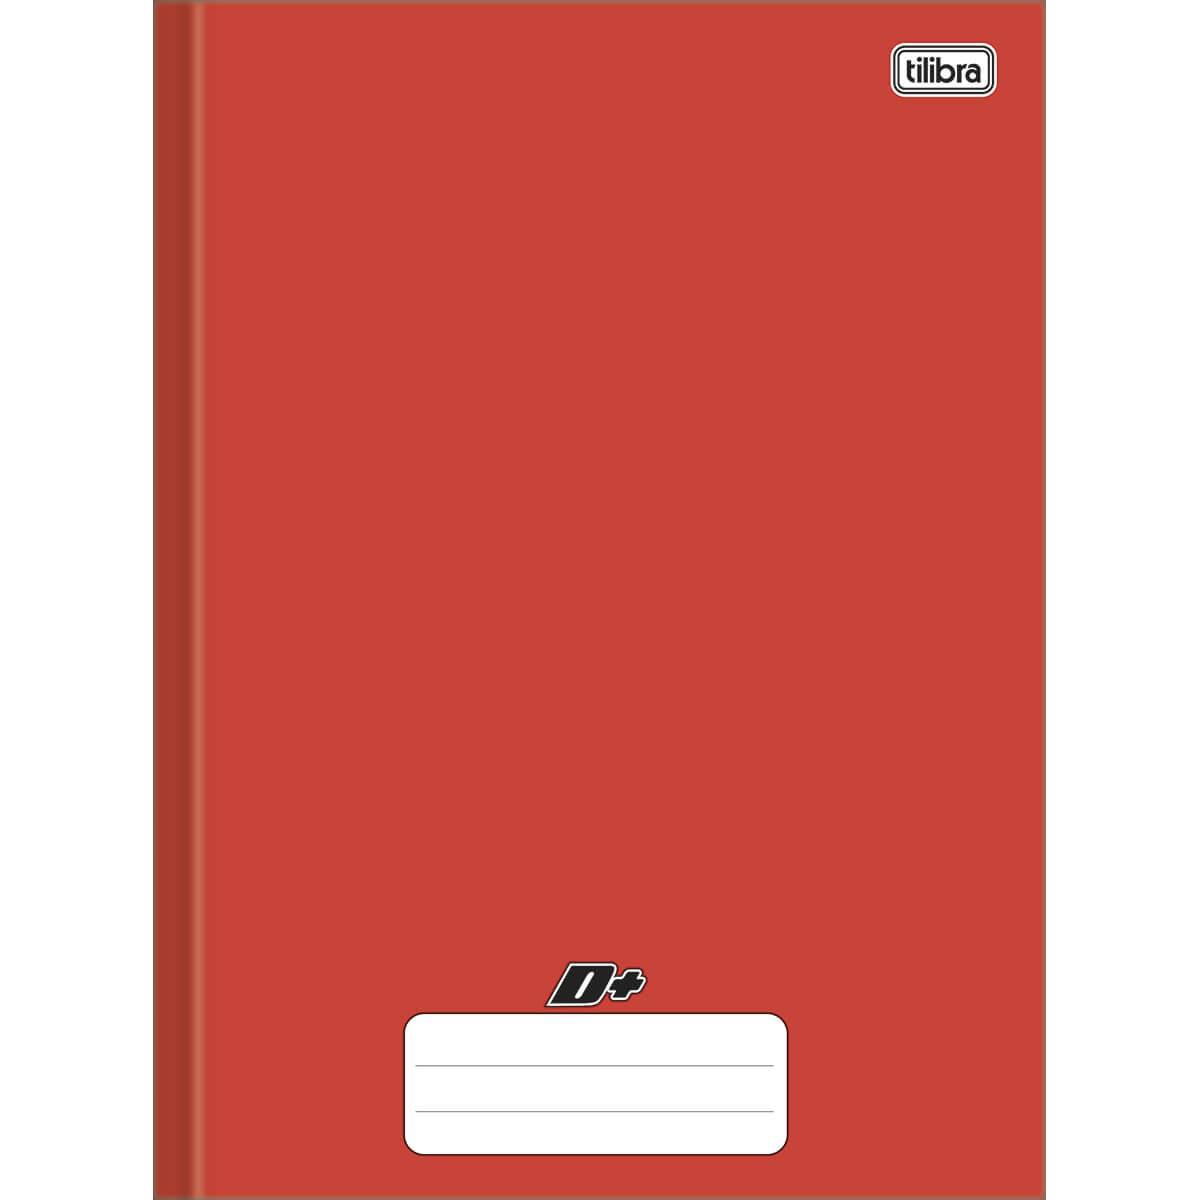 Caderno brochura 96 fls vermelho D+ Tilibra